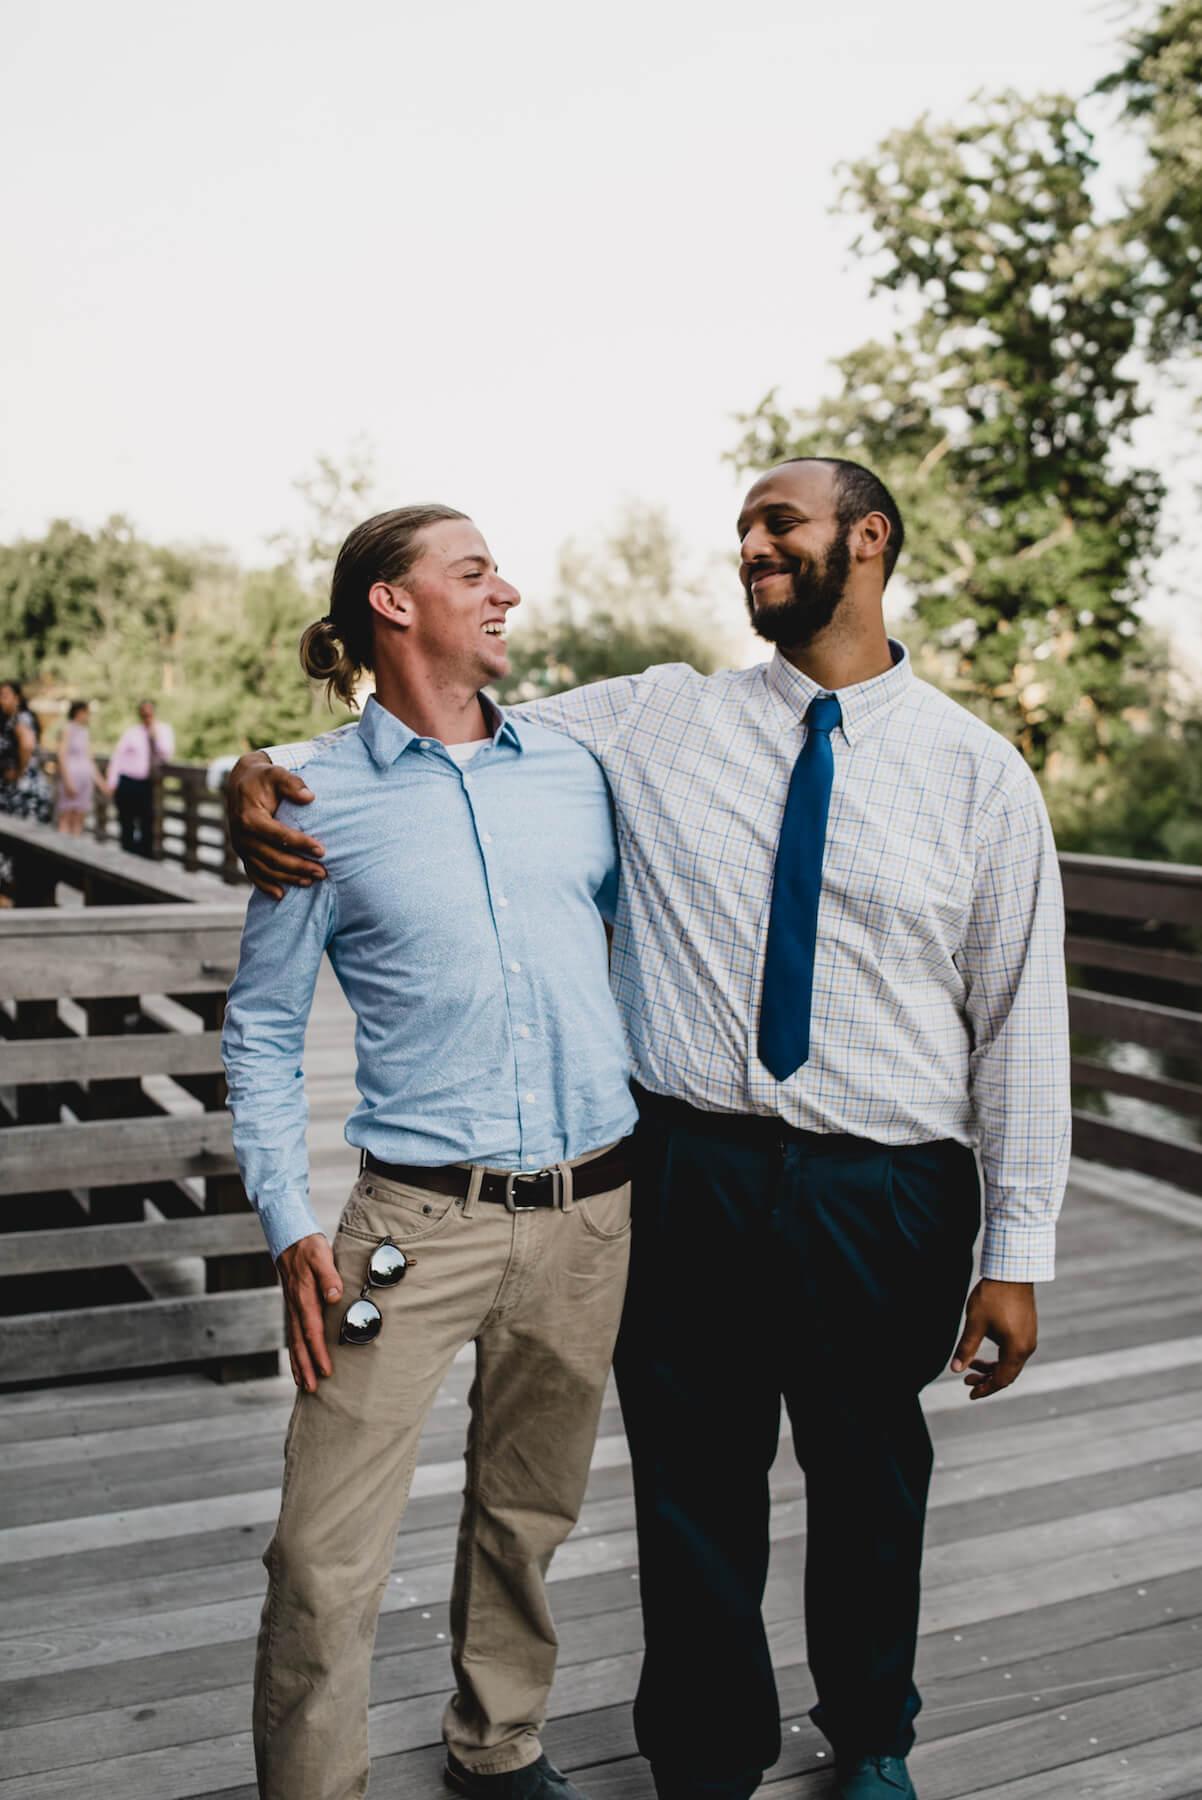 engle-olson-jimmy-kenda-wedding-trip-2018-4.jpg